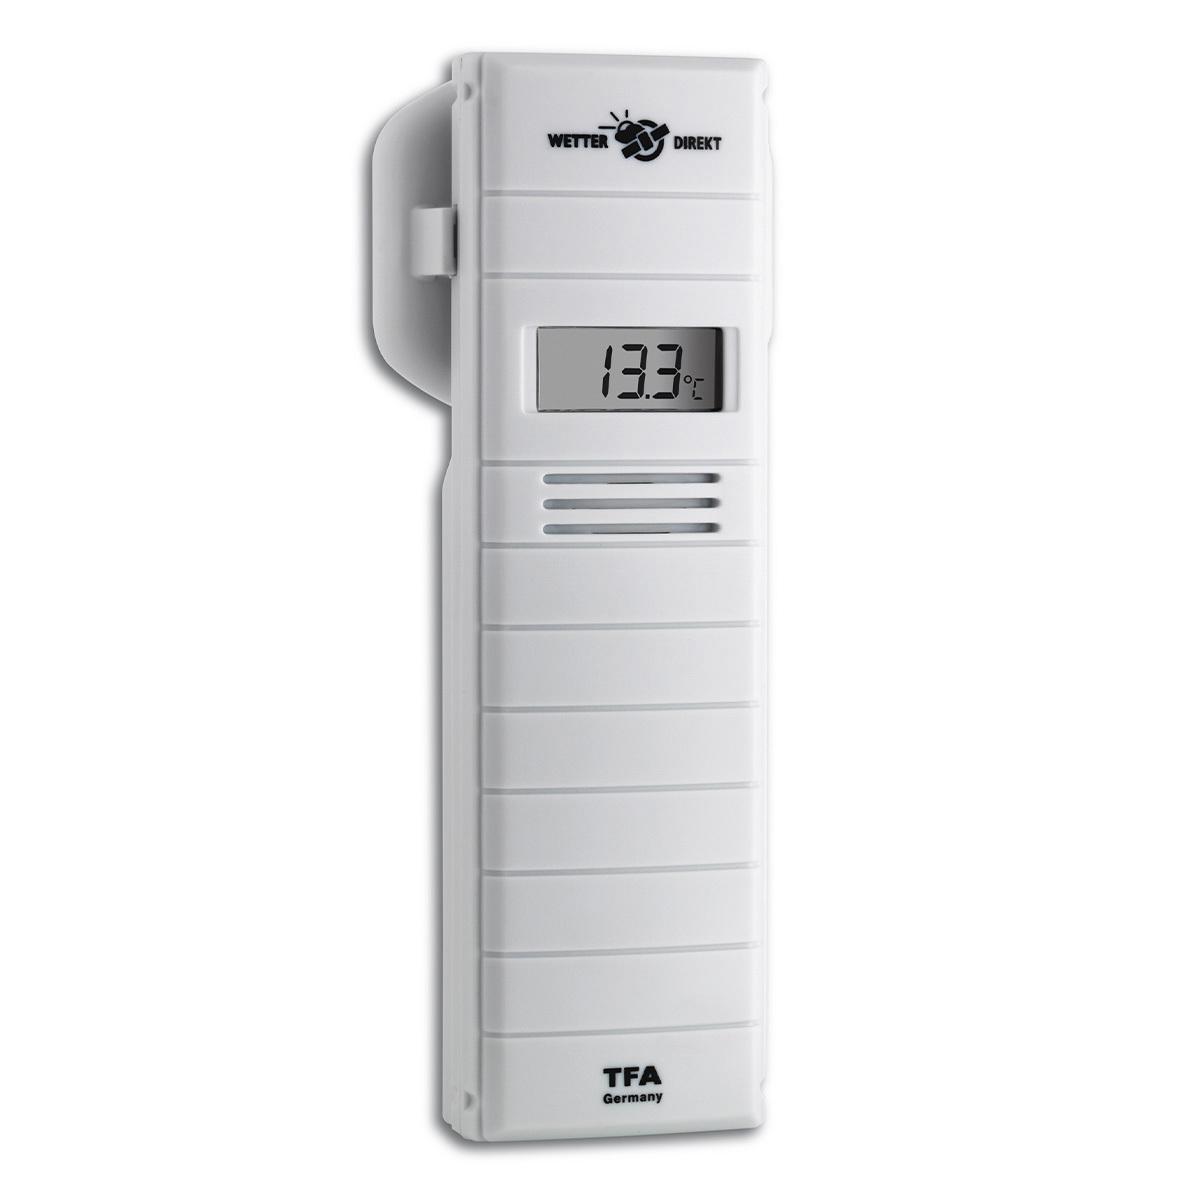 30-3155-wd-thermo-hygro-sender-wetterdirekt-ansicht-1200x1200px.jpg